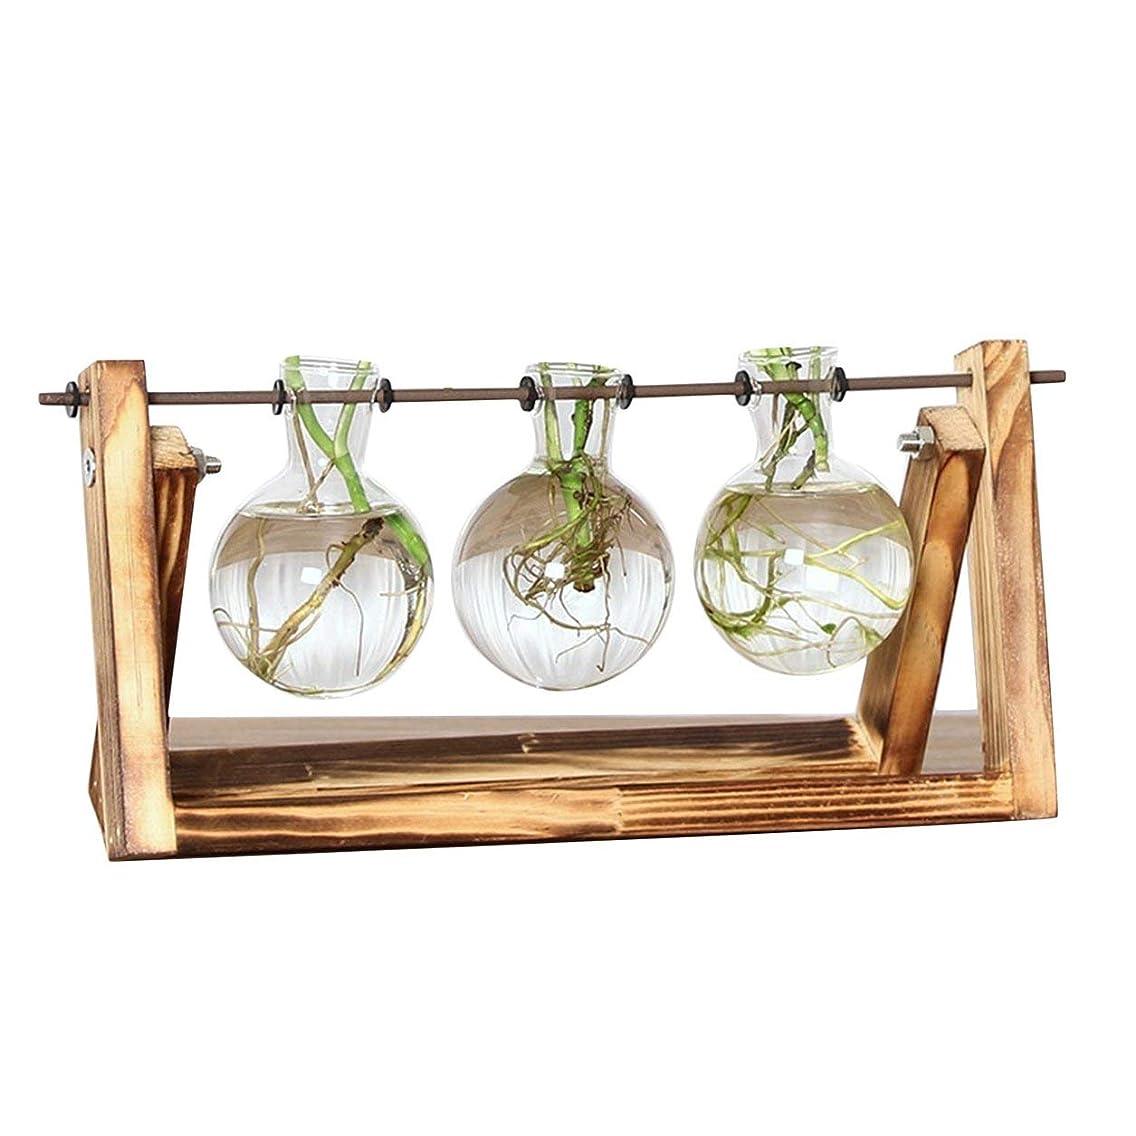 ところで柔らかい究極のSaikogoods デスクトップグラスプランター 水耕栽培プラント用電球の花瓶 レトロソリッド木製スタンド メタルスイベルホルダー ホームオフィスインテリア クリア&ウッド レトロ